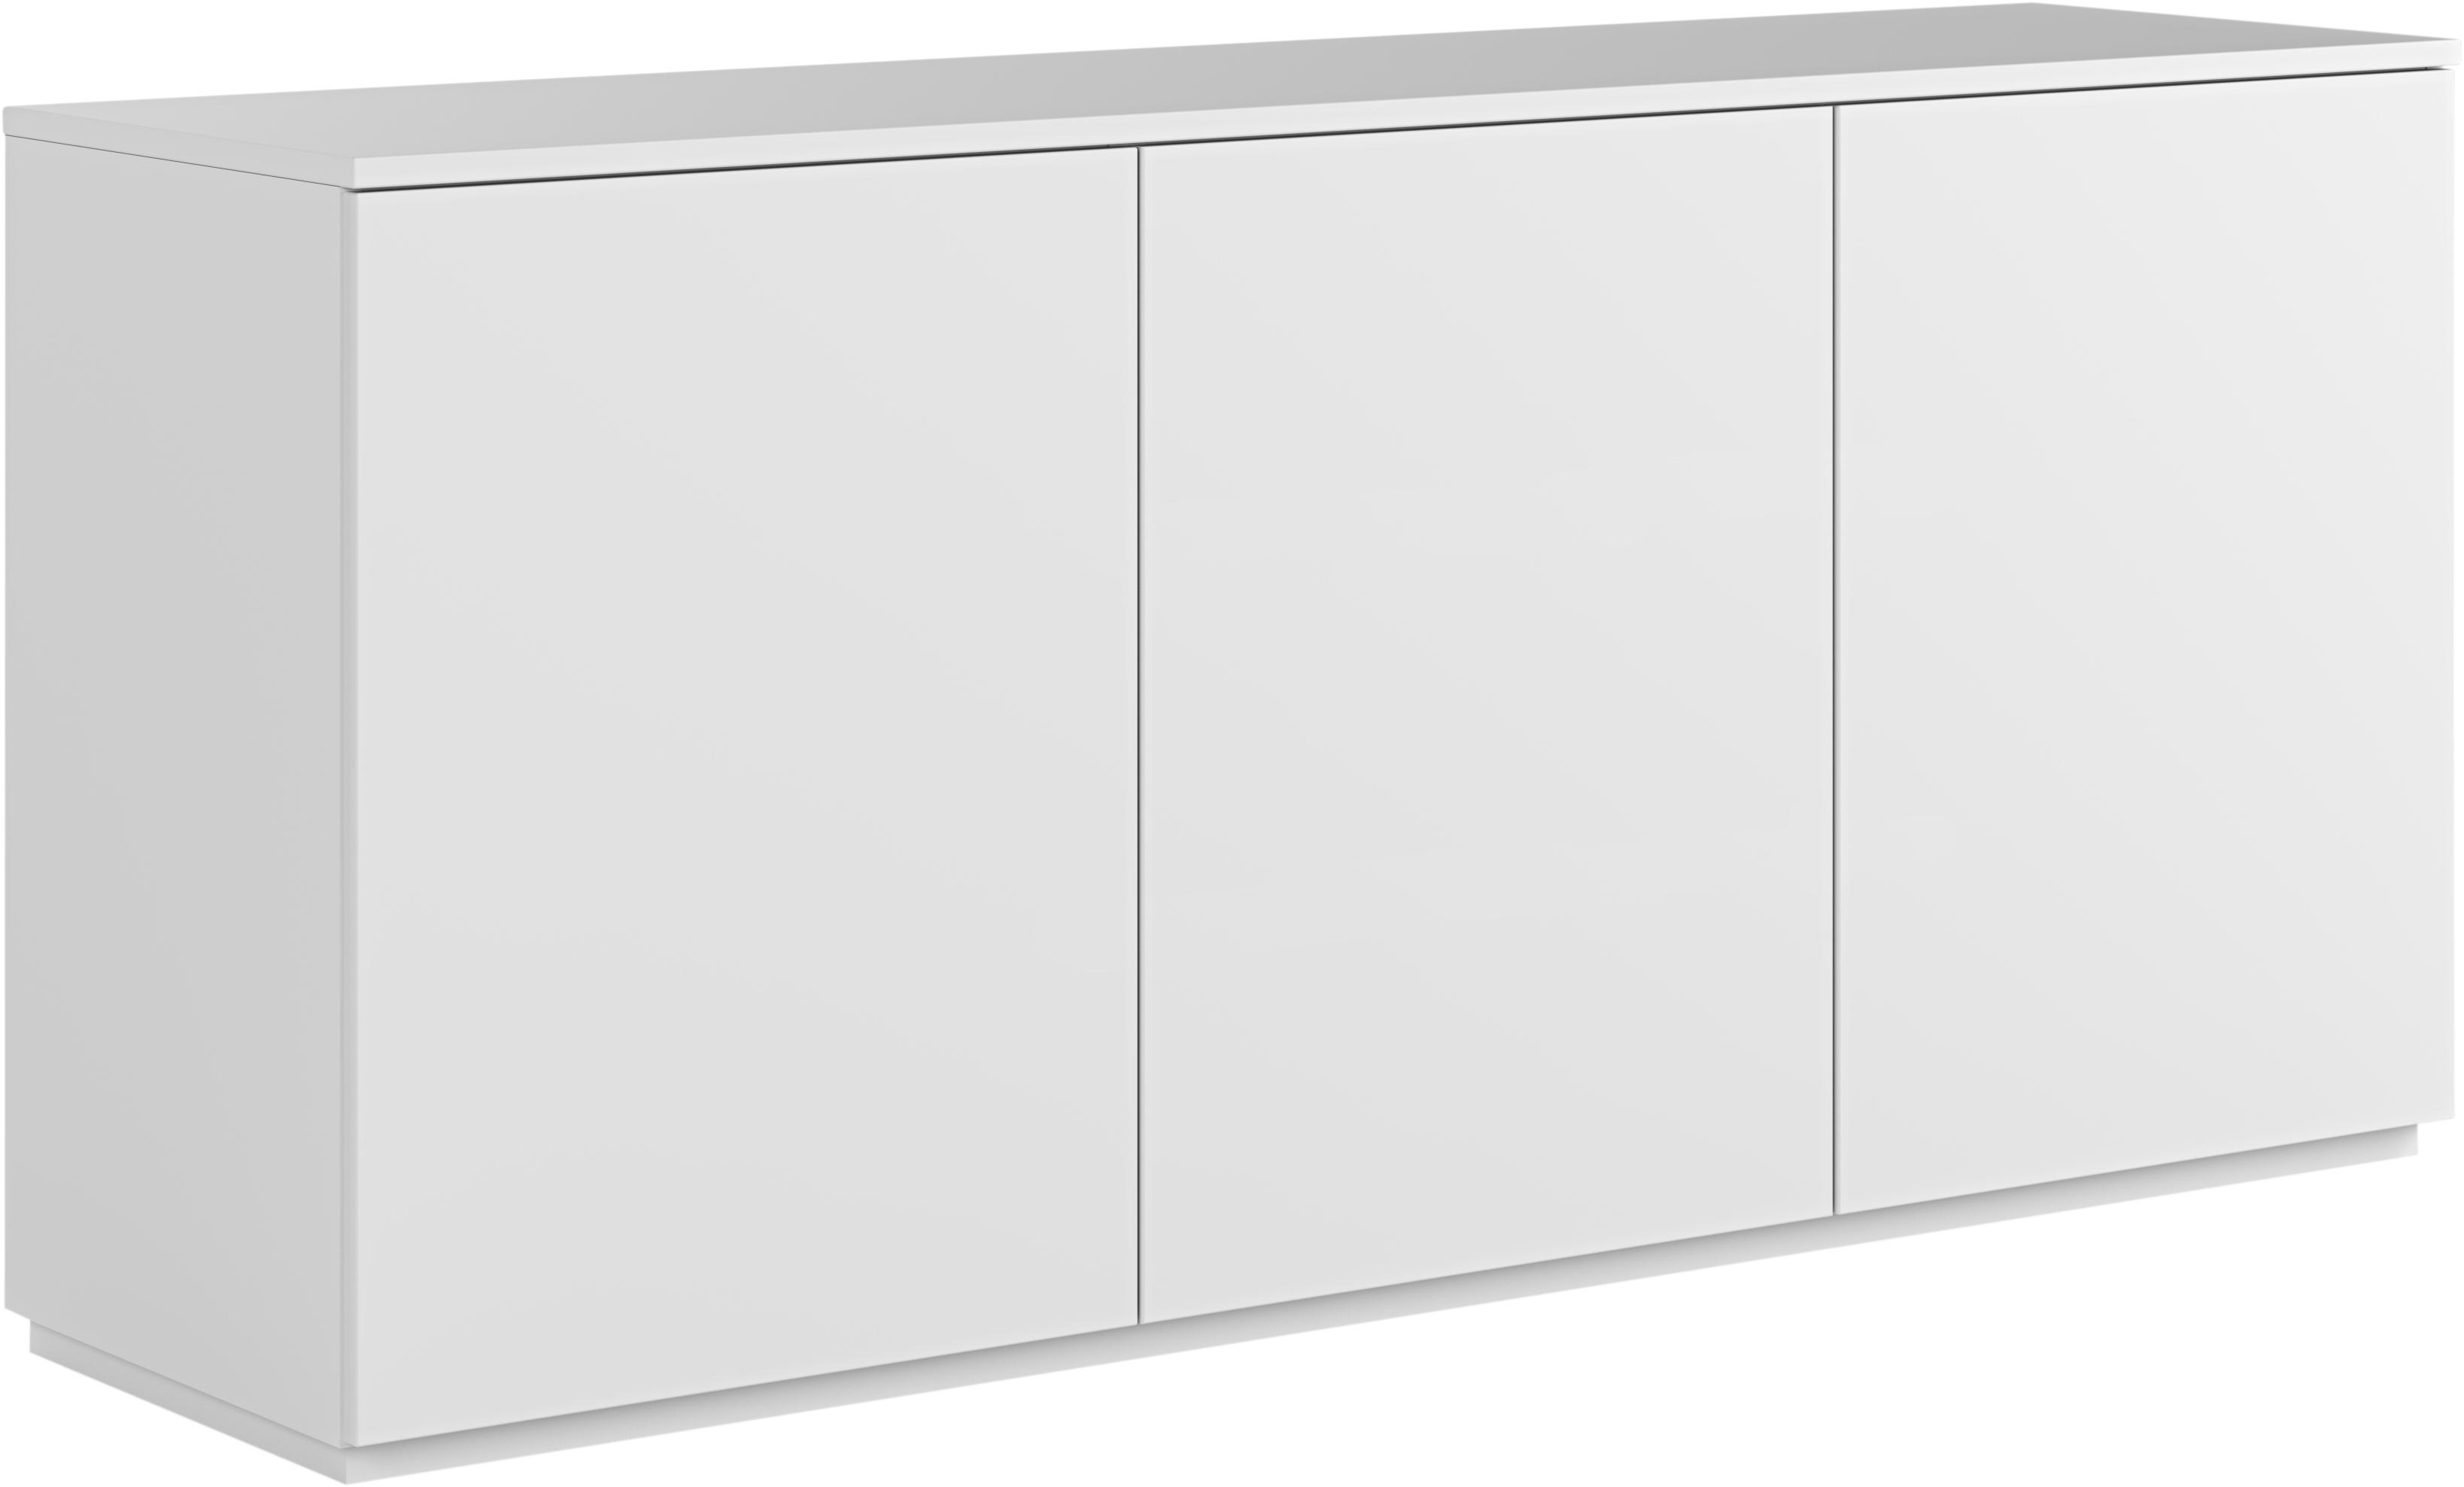 Weisses Sideboard Join mit Türen, Mitteldichte Holzfaserplatte, lackiert, Weiss, 180 x 84 cm